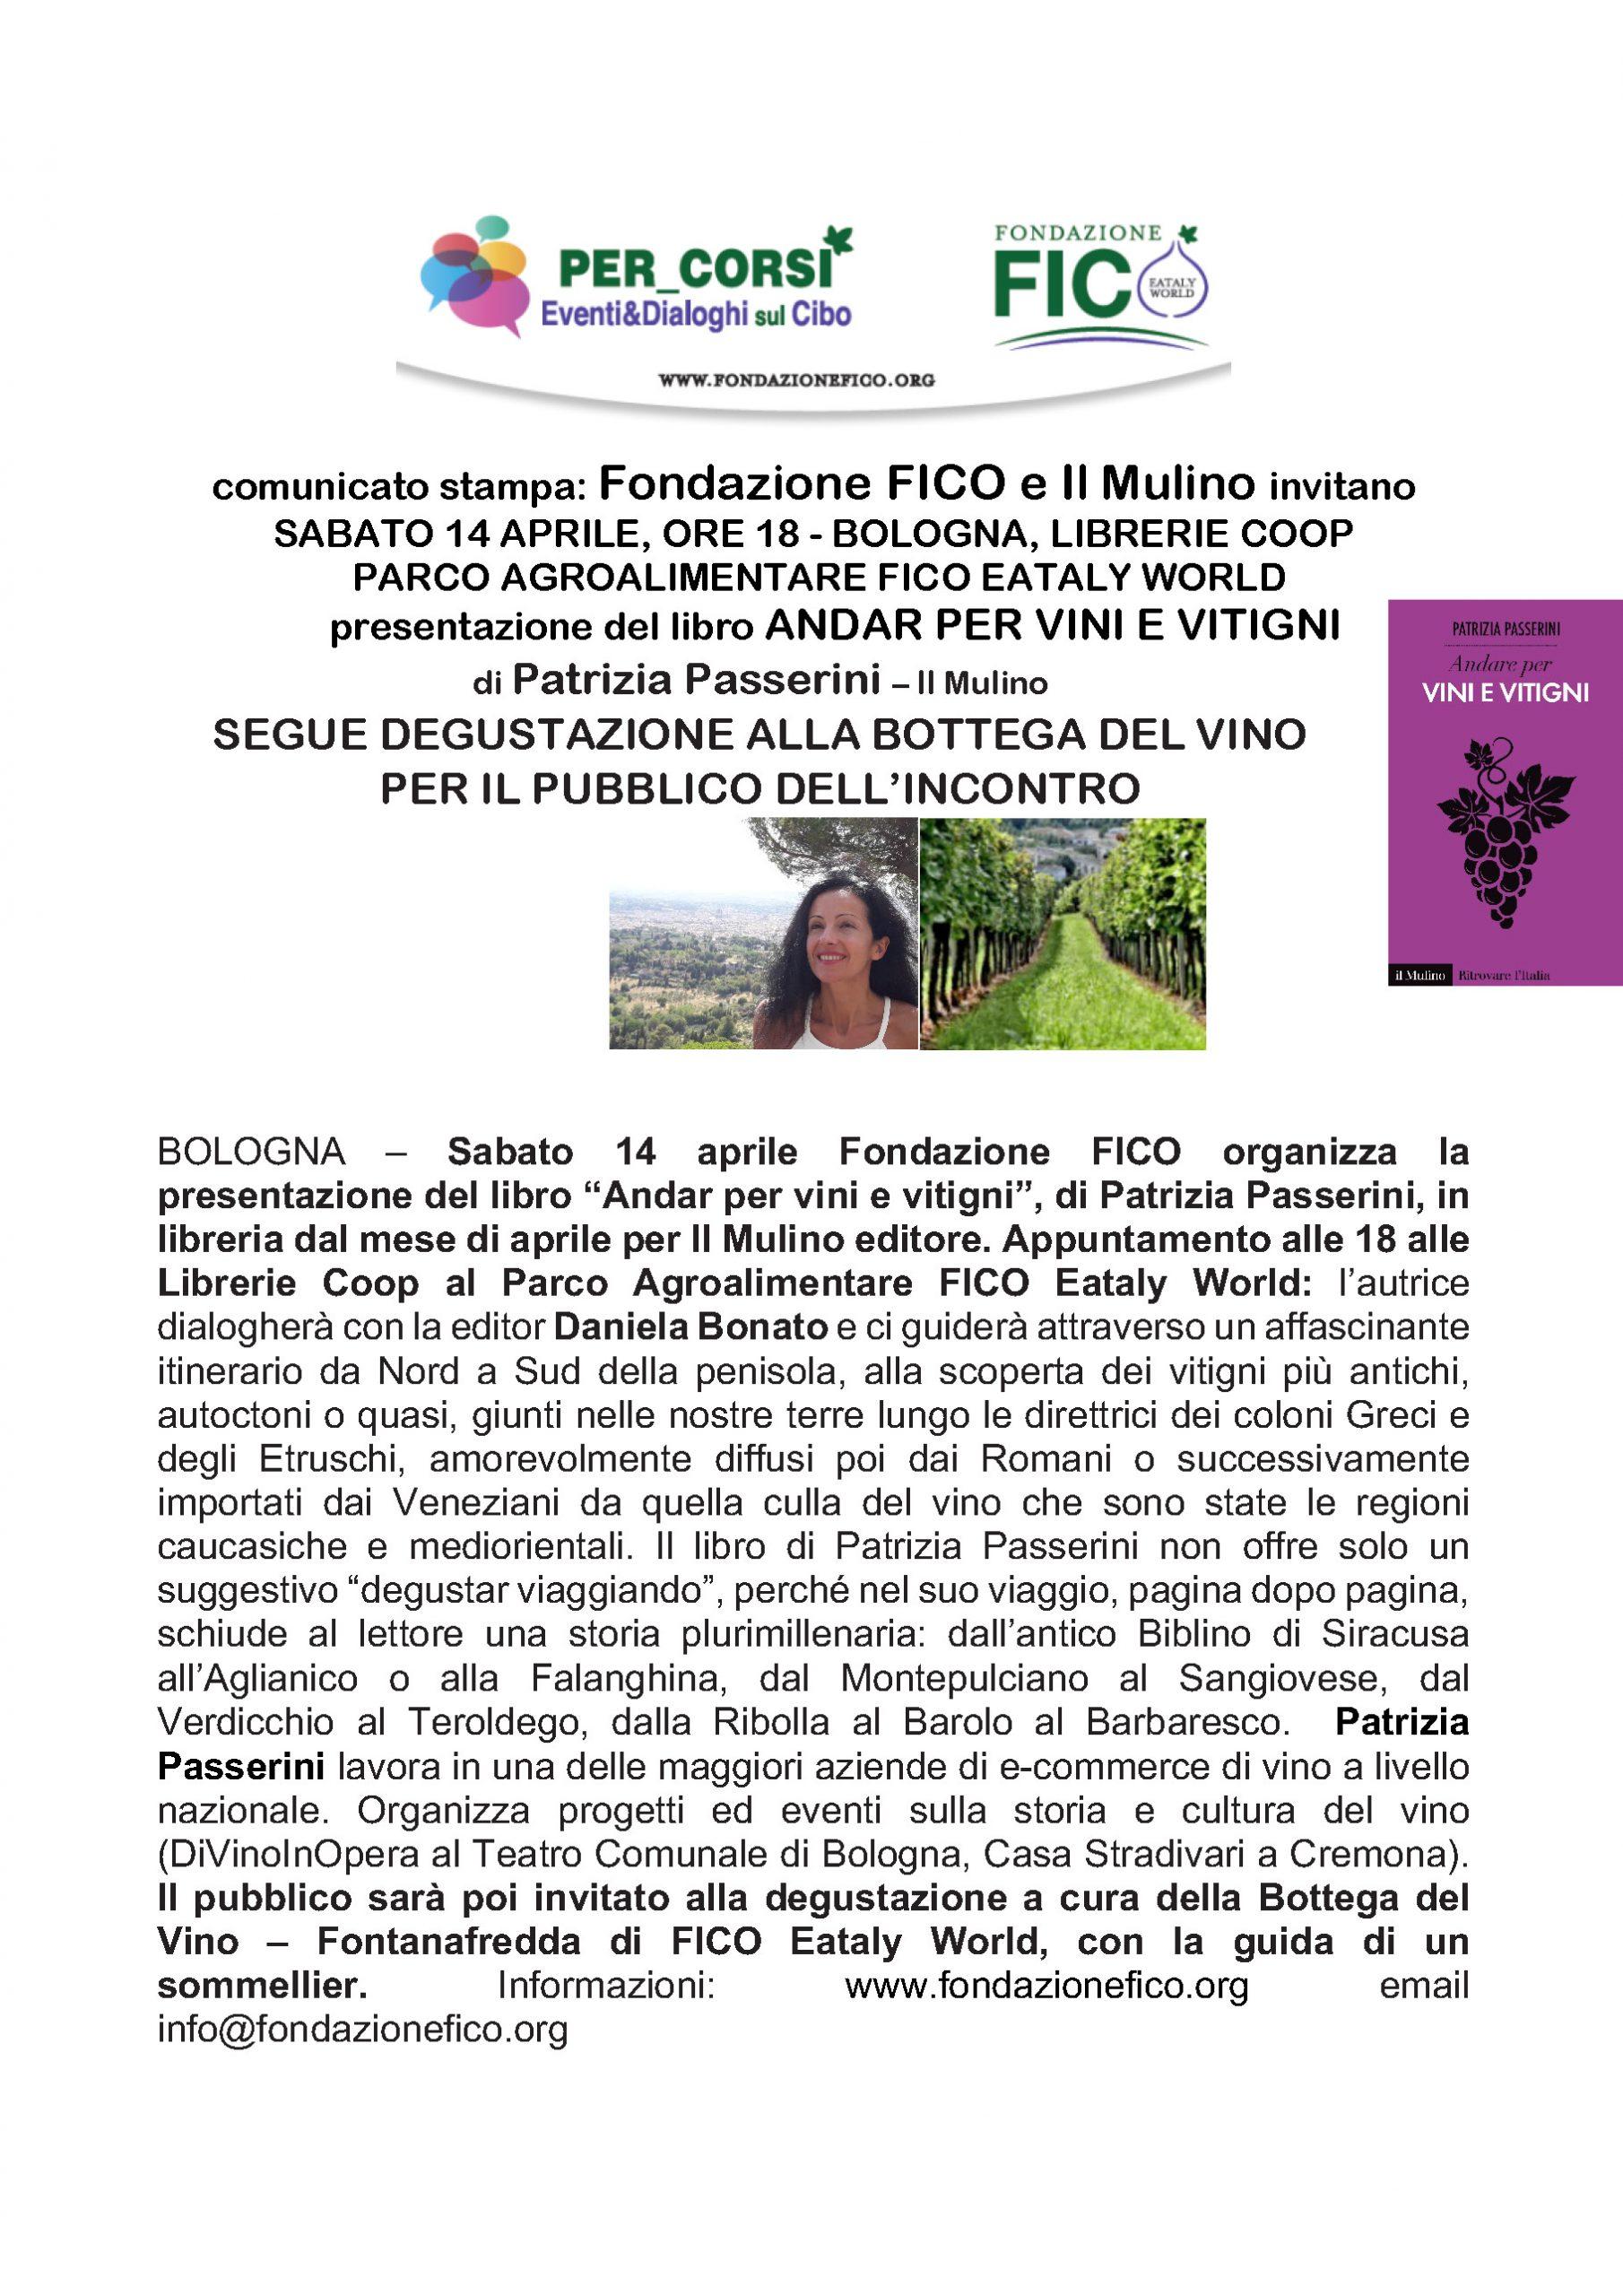 CS-0048-14-04-2018-presentazione-vini vitigni